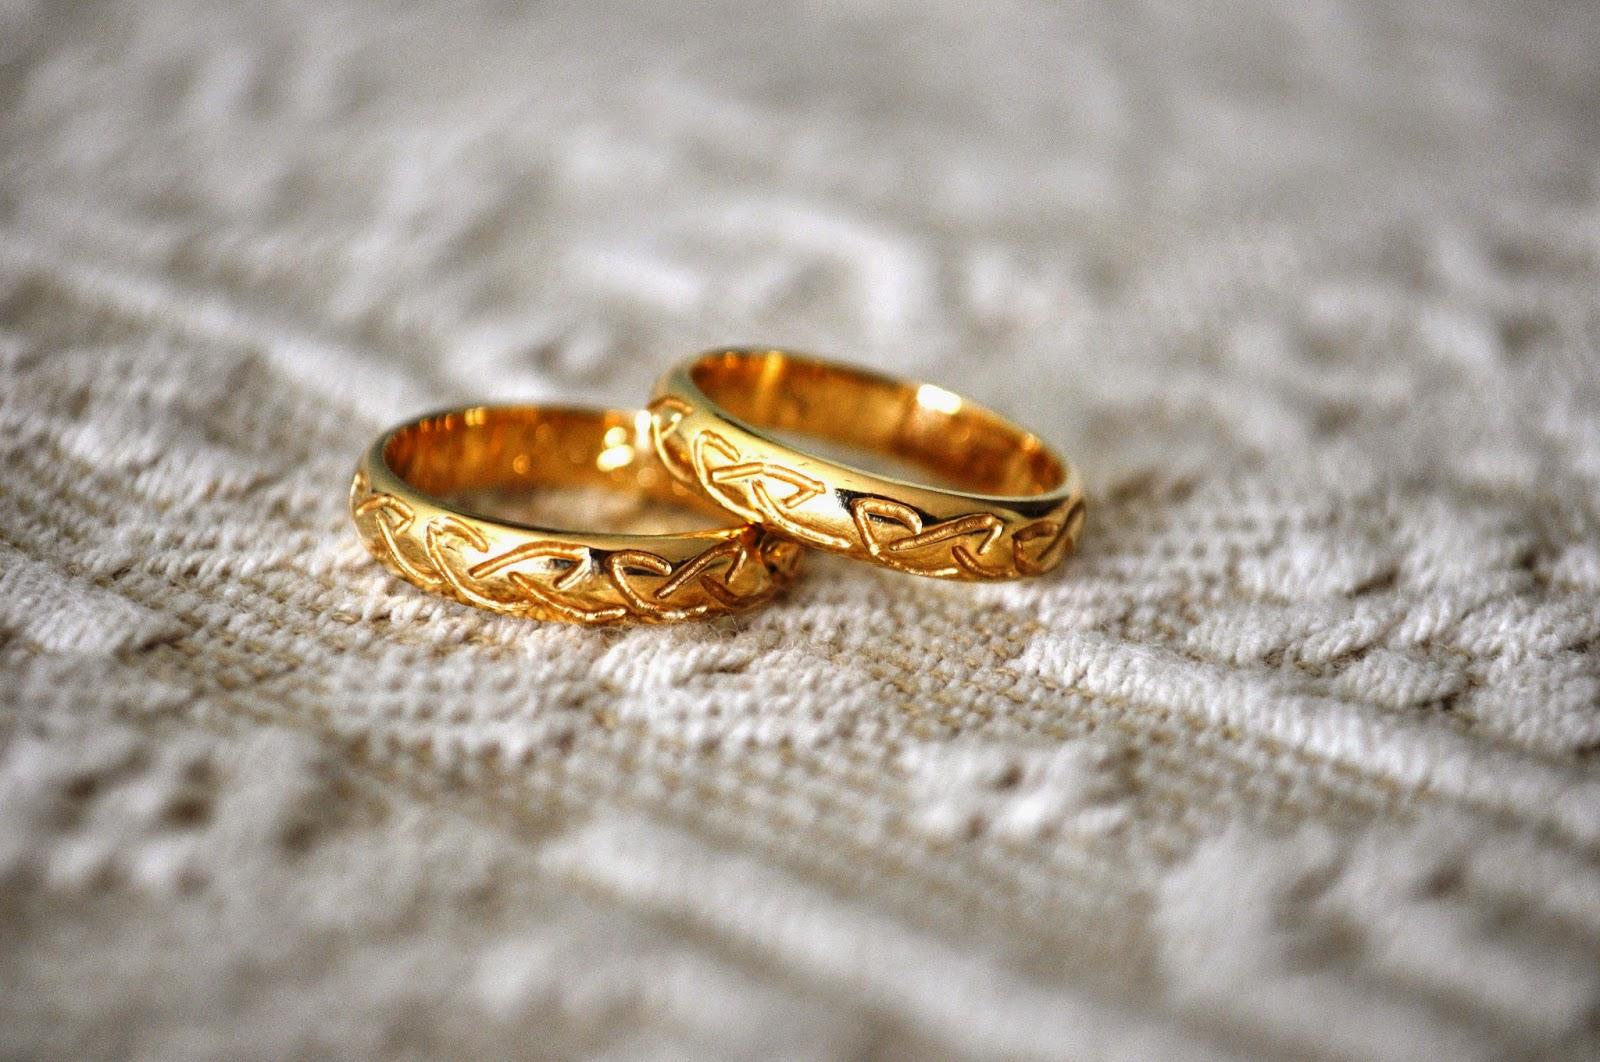 Matrimonio Alternativo Toscana : Ceramica e dintorni un matrimonio alternativo